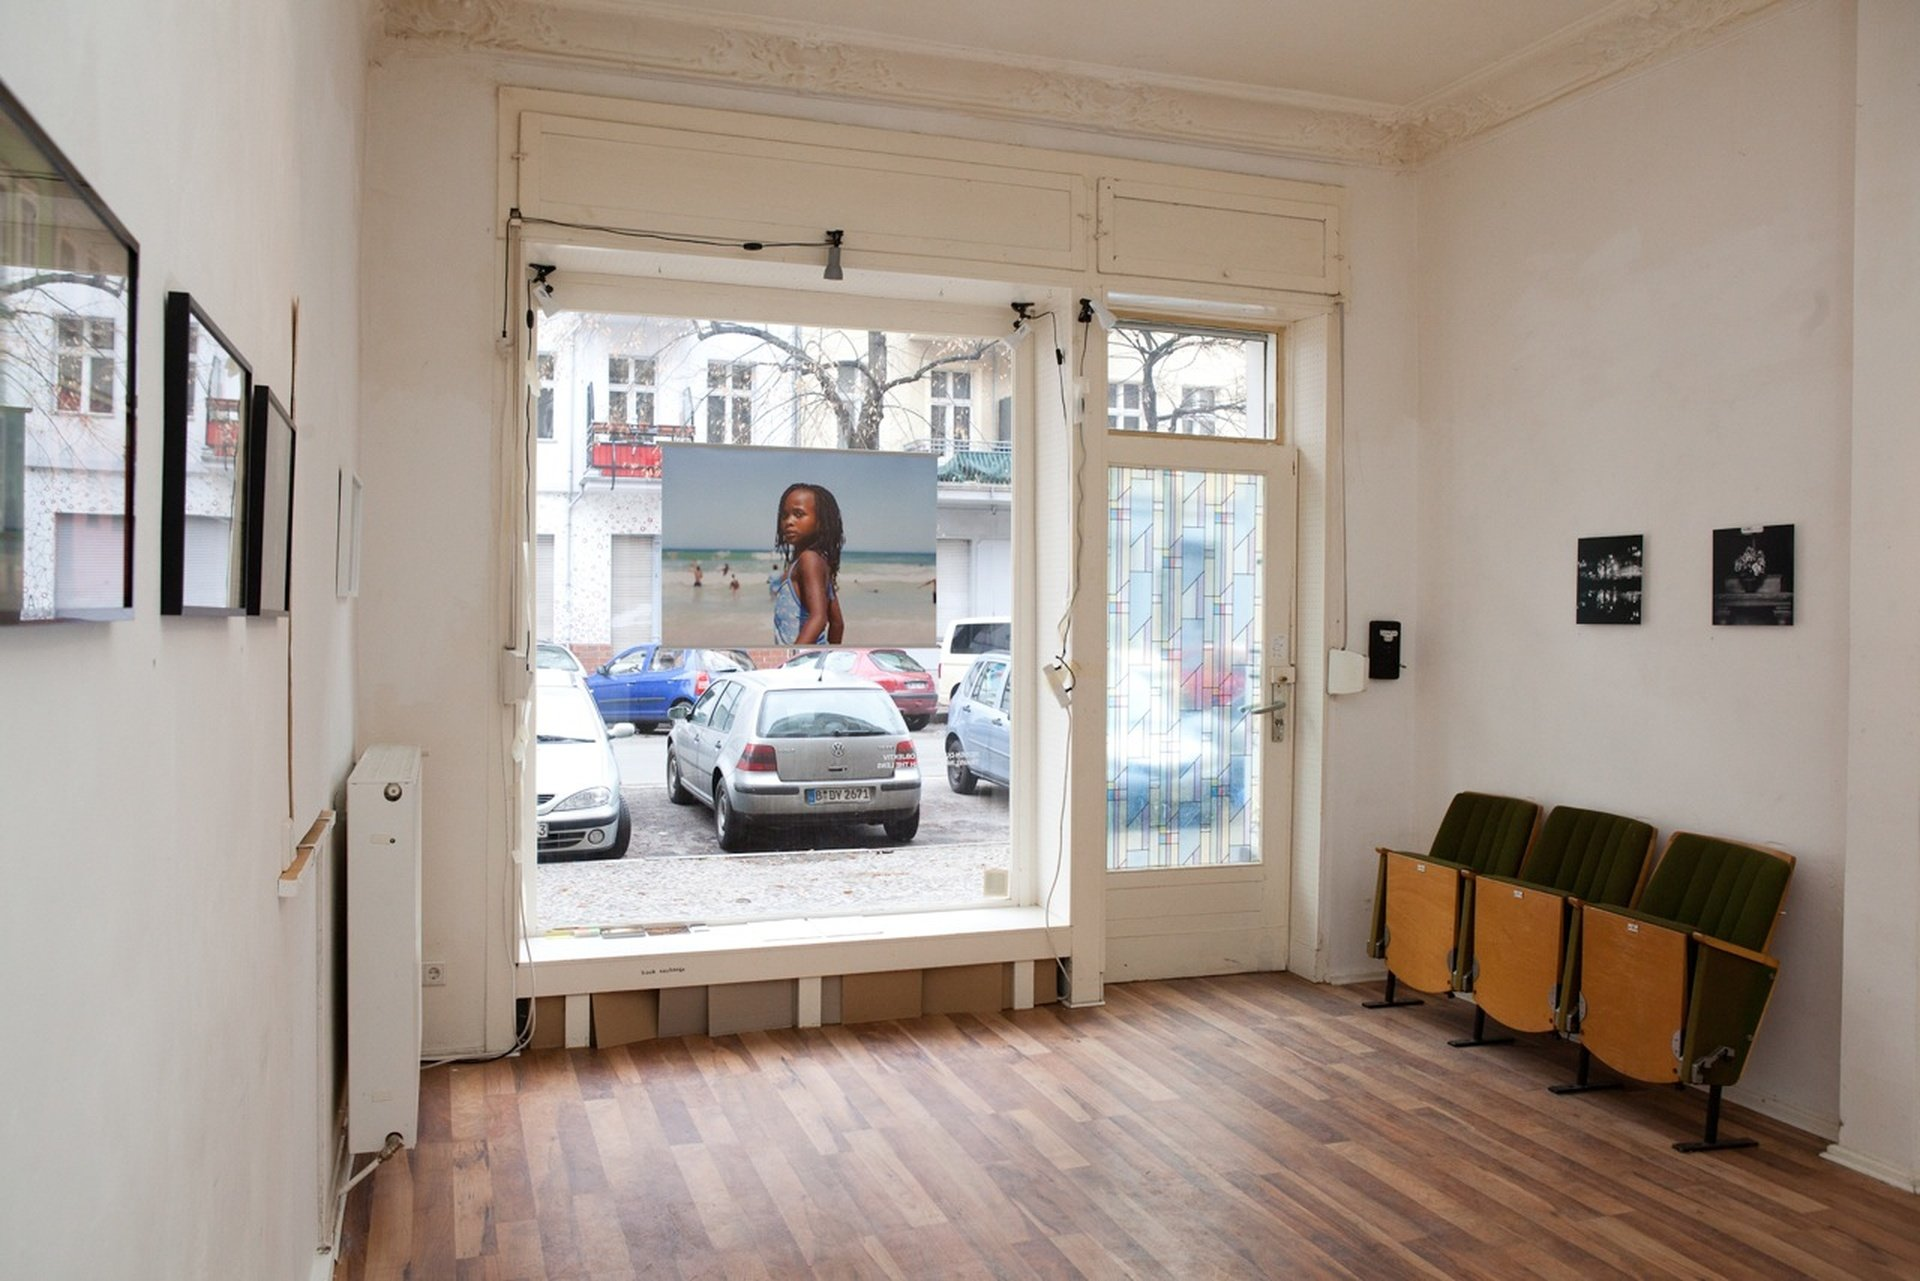 Berlin seminar rooms Galerie d'art Retramp Gallery image 0